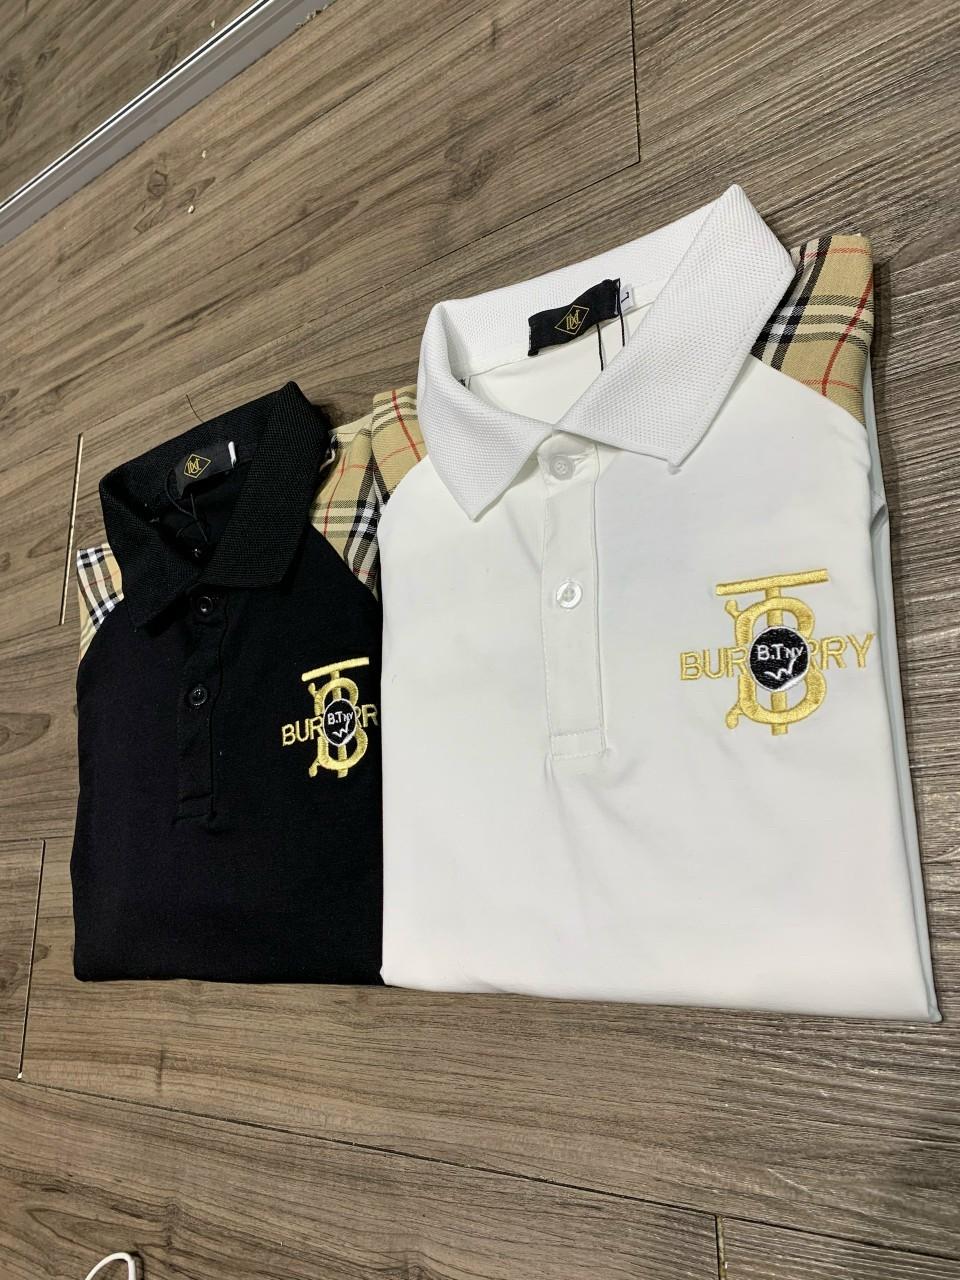 Áo thun Polo có cổ , chất liệu thun lạnh 4 chiều , phong cách thể thao, 2 màu trắng đen, full size A12